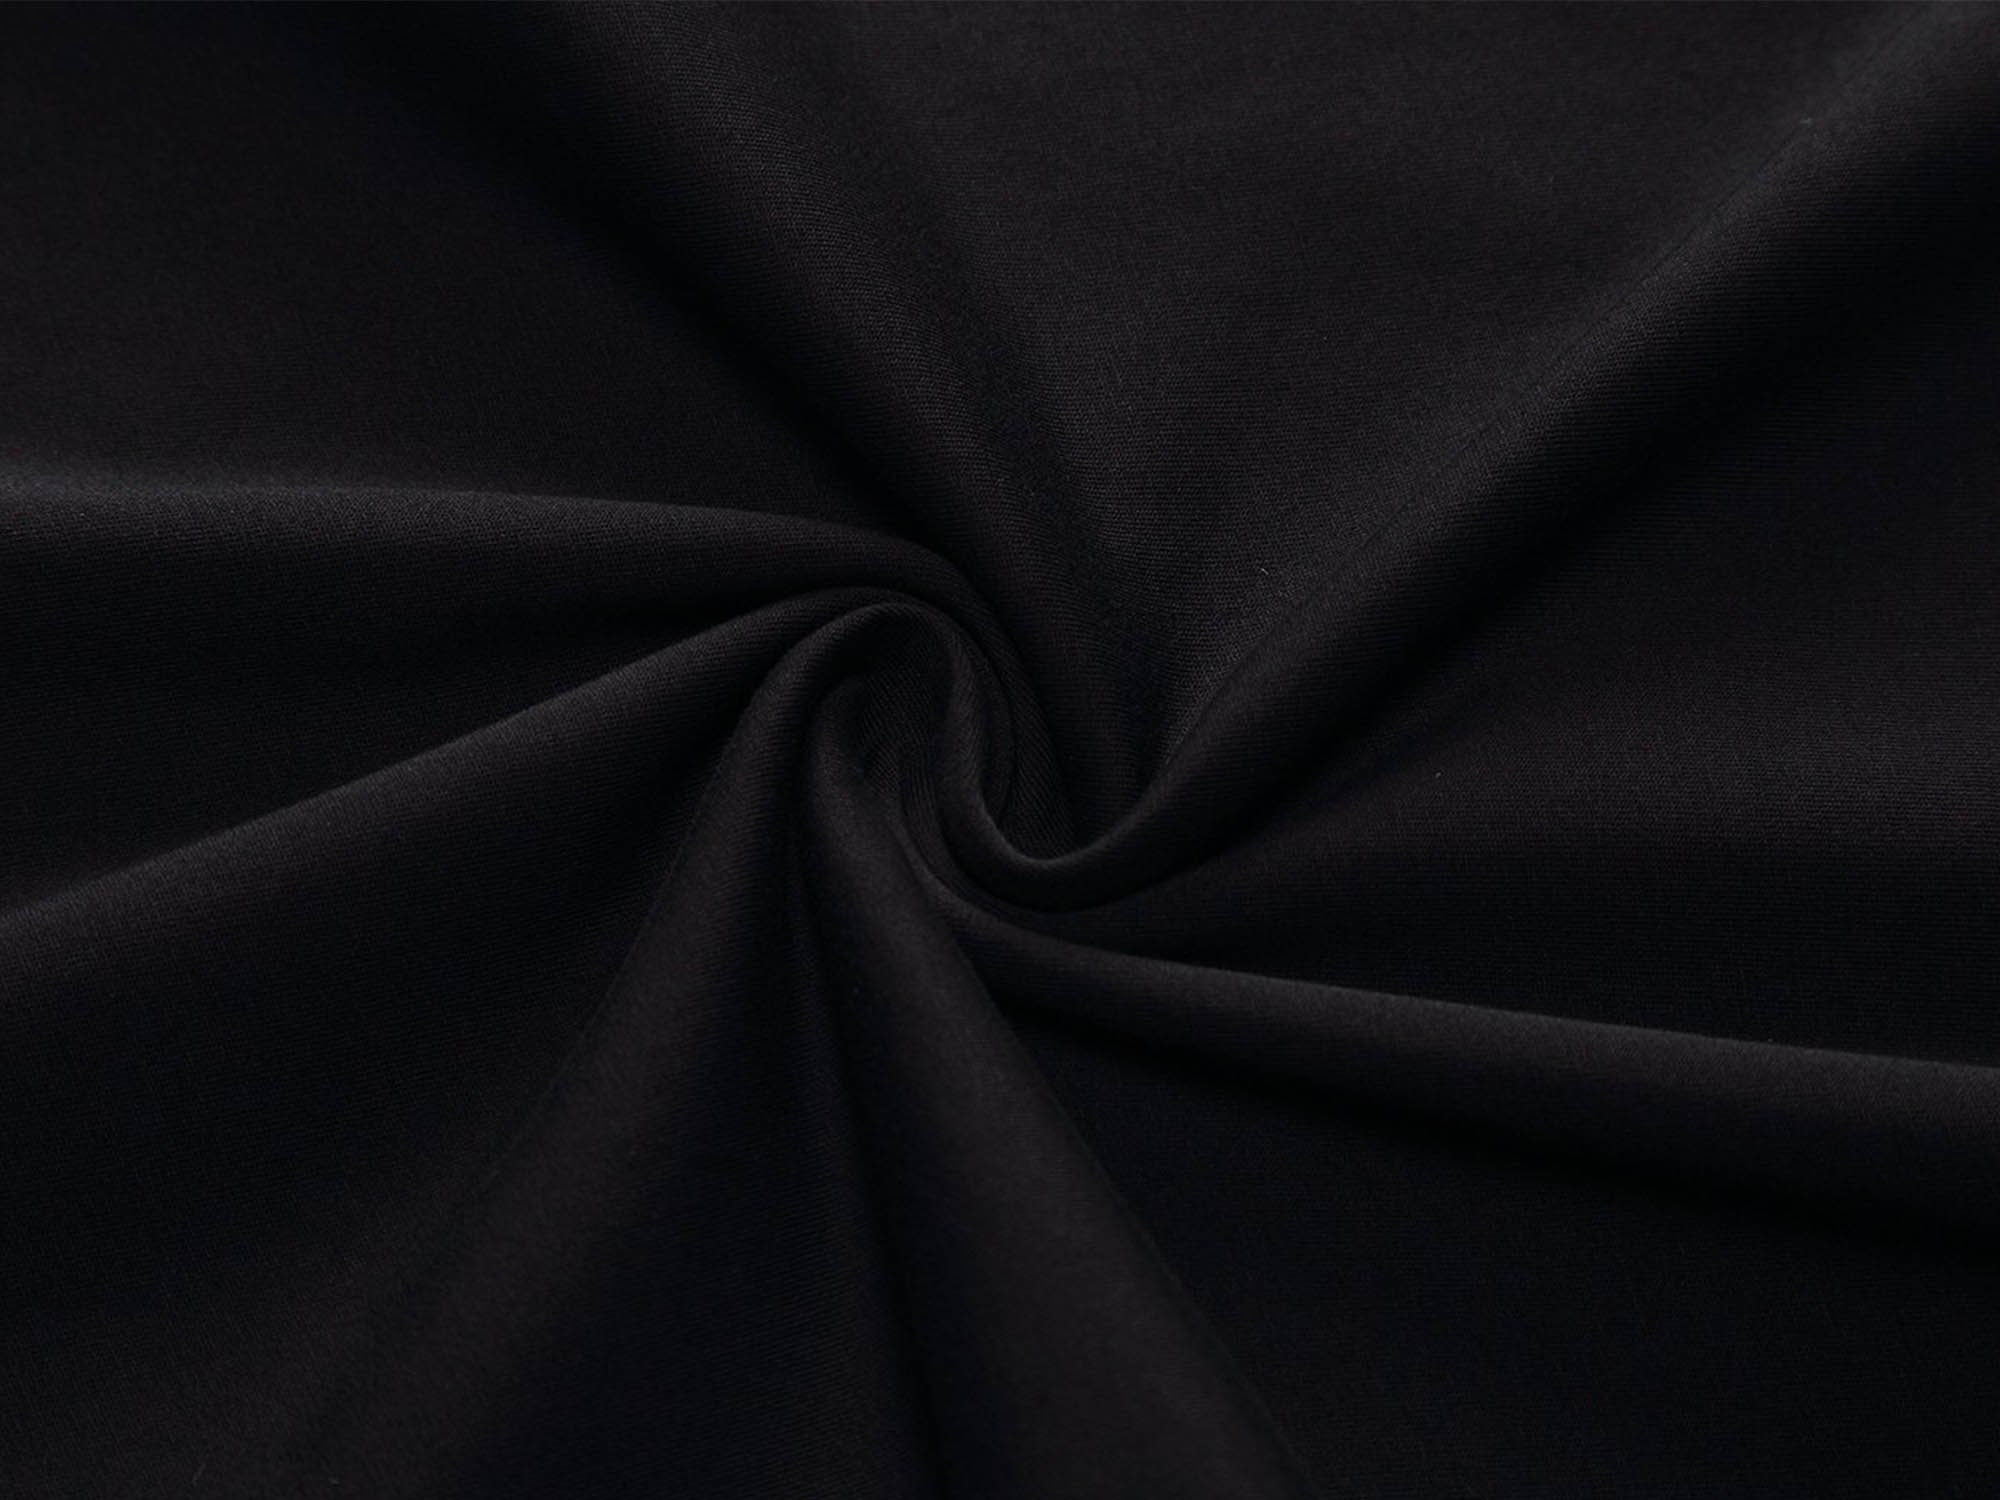 HUHOT Women Short Sleeve Round Neck Summer Casual Flared Midi Dress Large Black by HUHOT (Image #5)